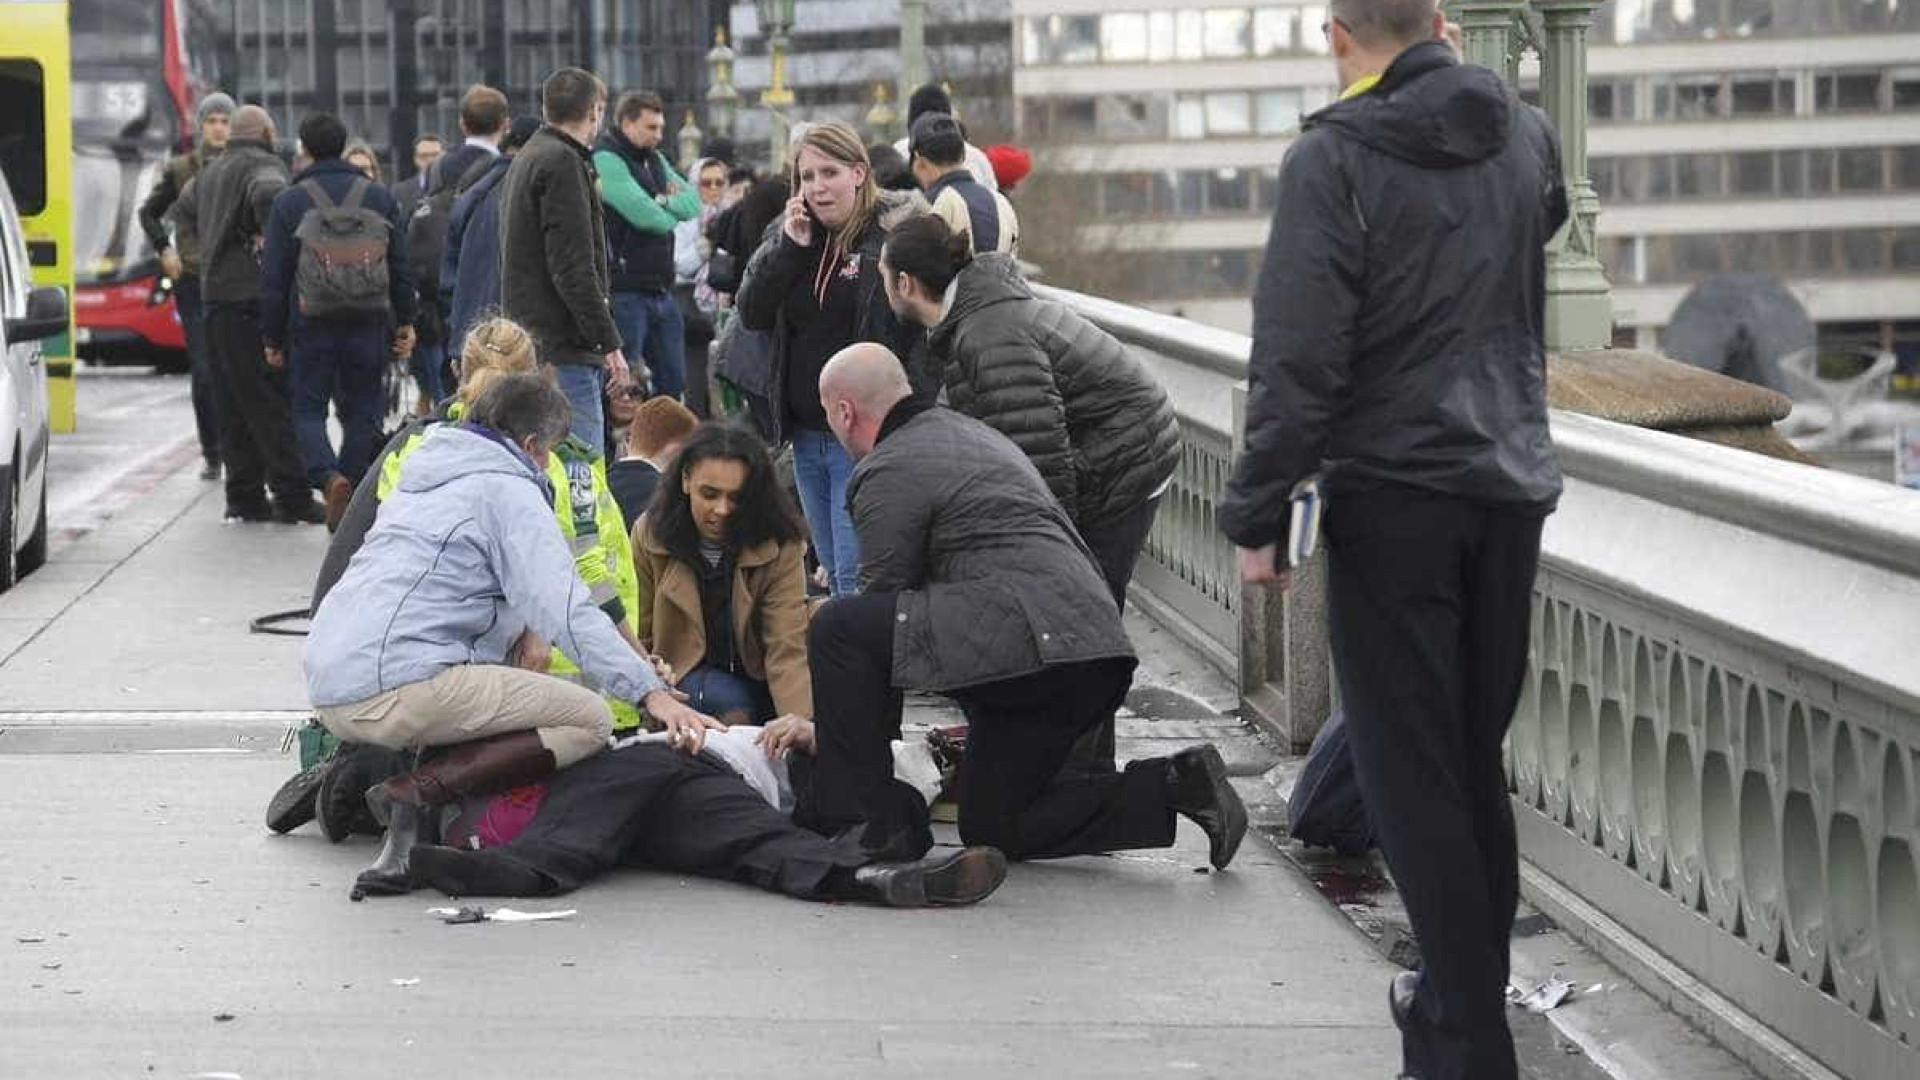 Veja as fotos do atentado em Londres